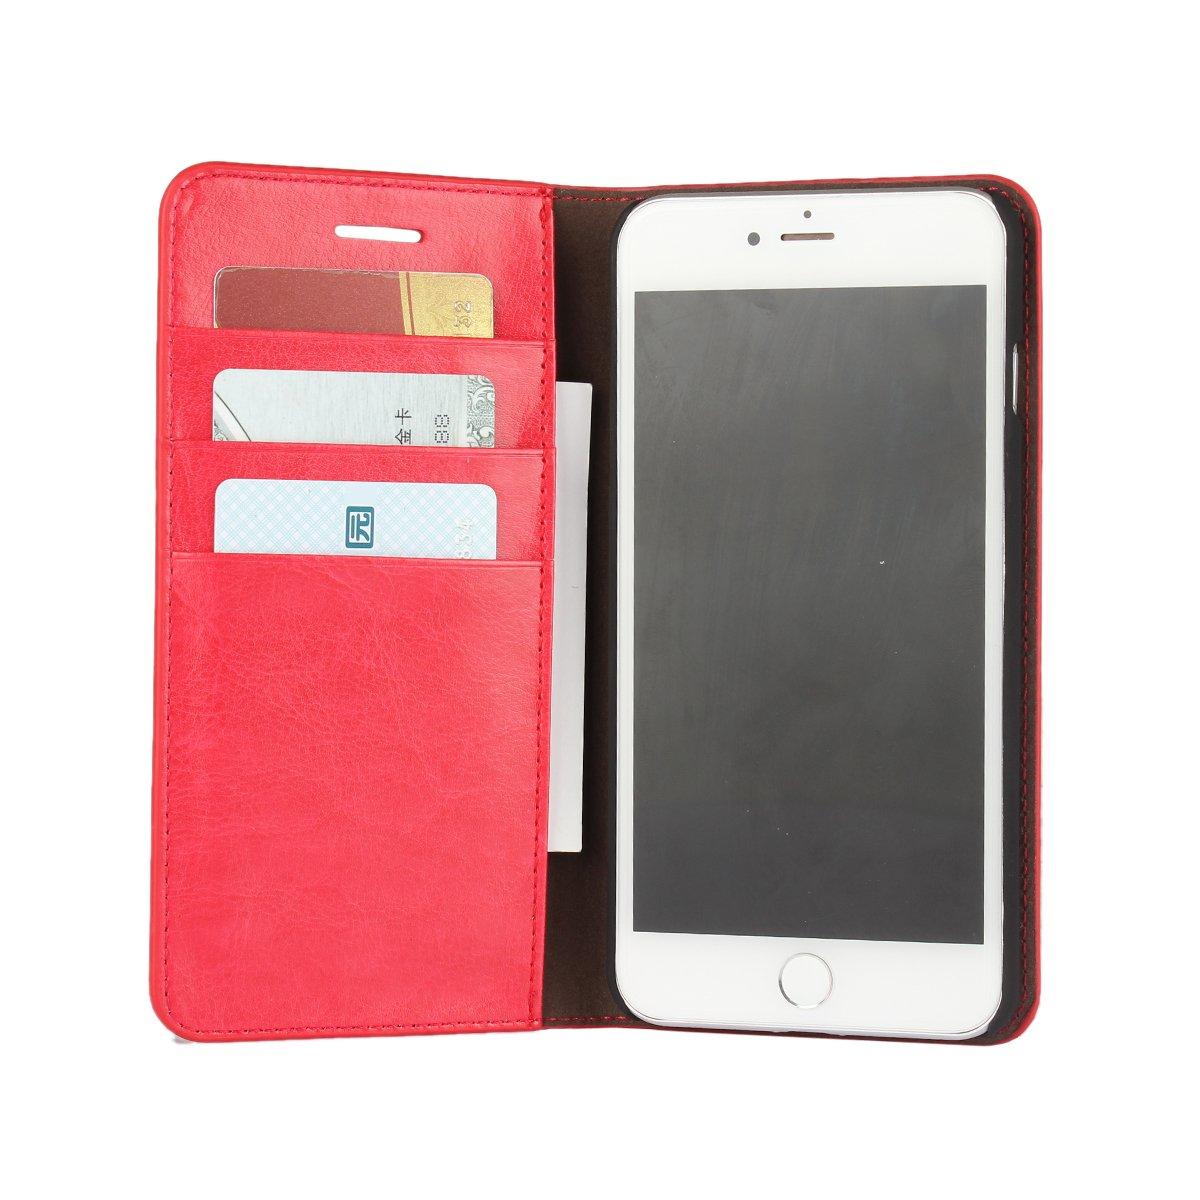 iPhone 7 Plus 5.5インチ用本革ケース - [ウォレットケース] [カードスロット3枚] [マグネットクロージャー]フォリオフリップ牛革レザースタンドケースカバー   B01LYO3CAR